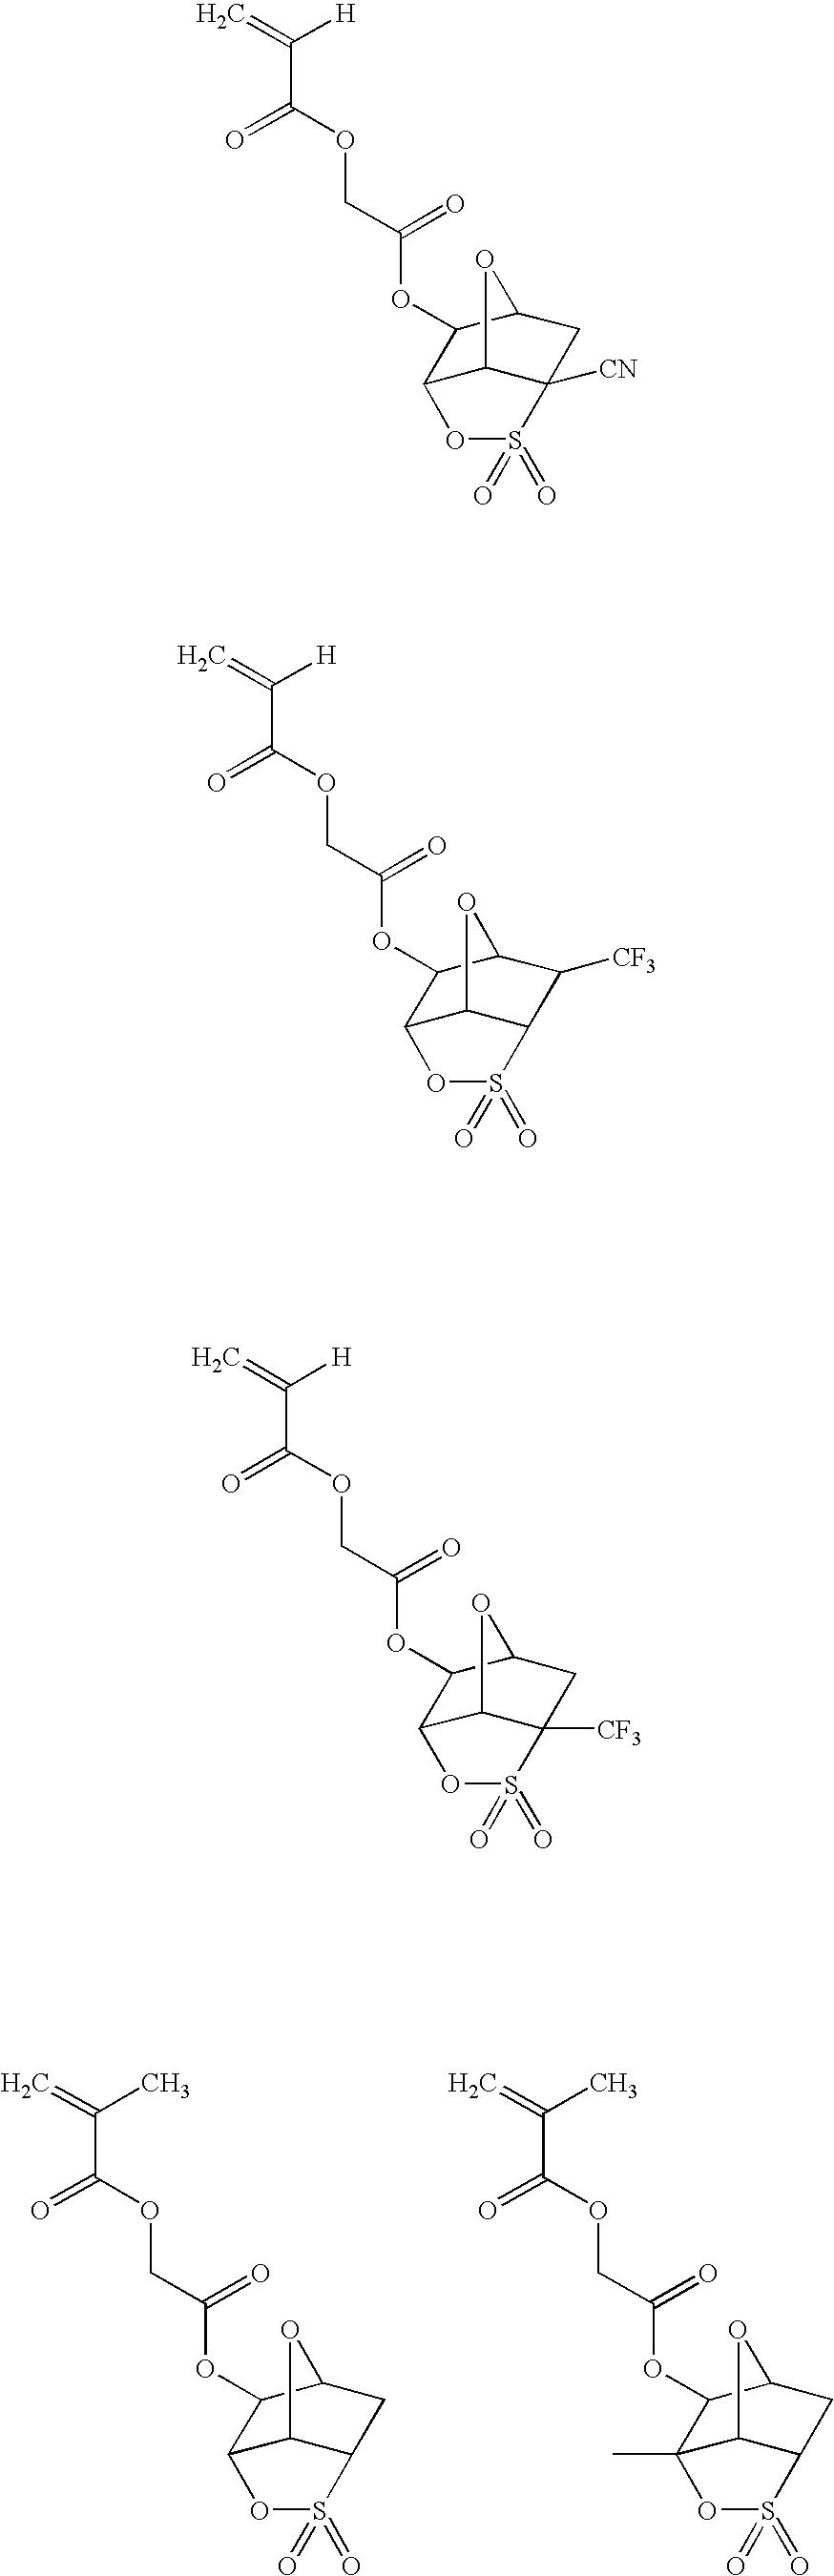 Figure US20100323296A1-20101223-C00022